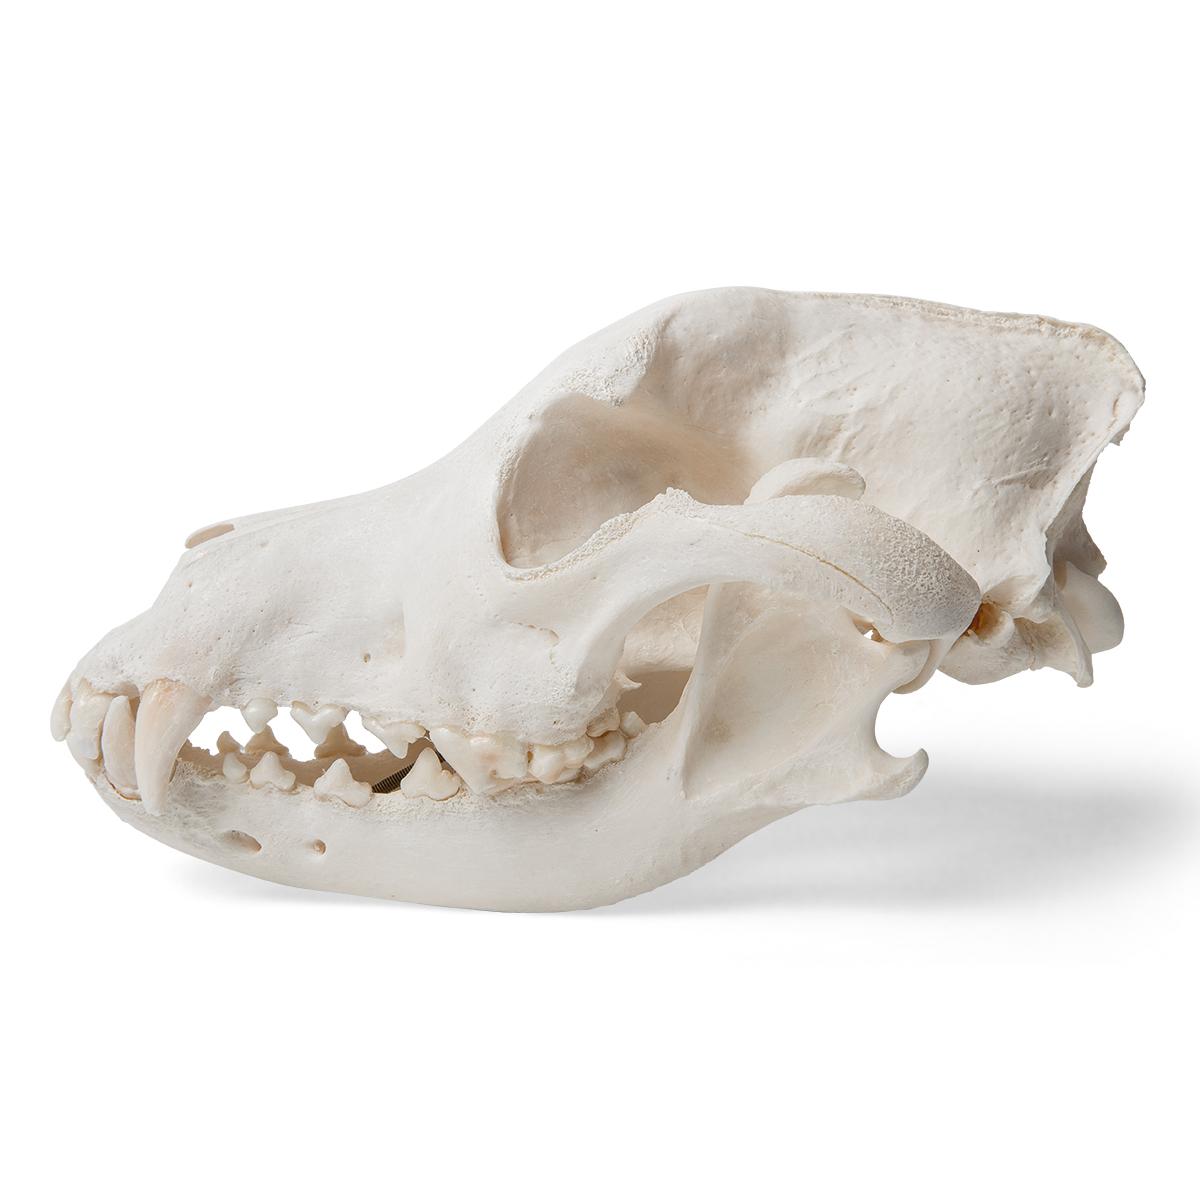 Dog Skull (Canis lupus familiaris), Size M, Specimen - 1020994 ...